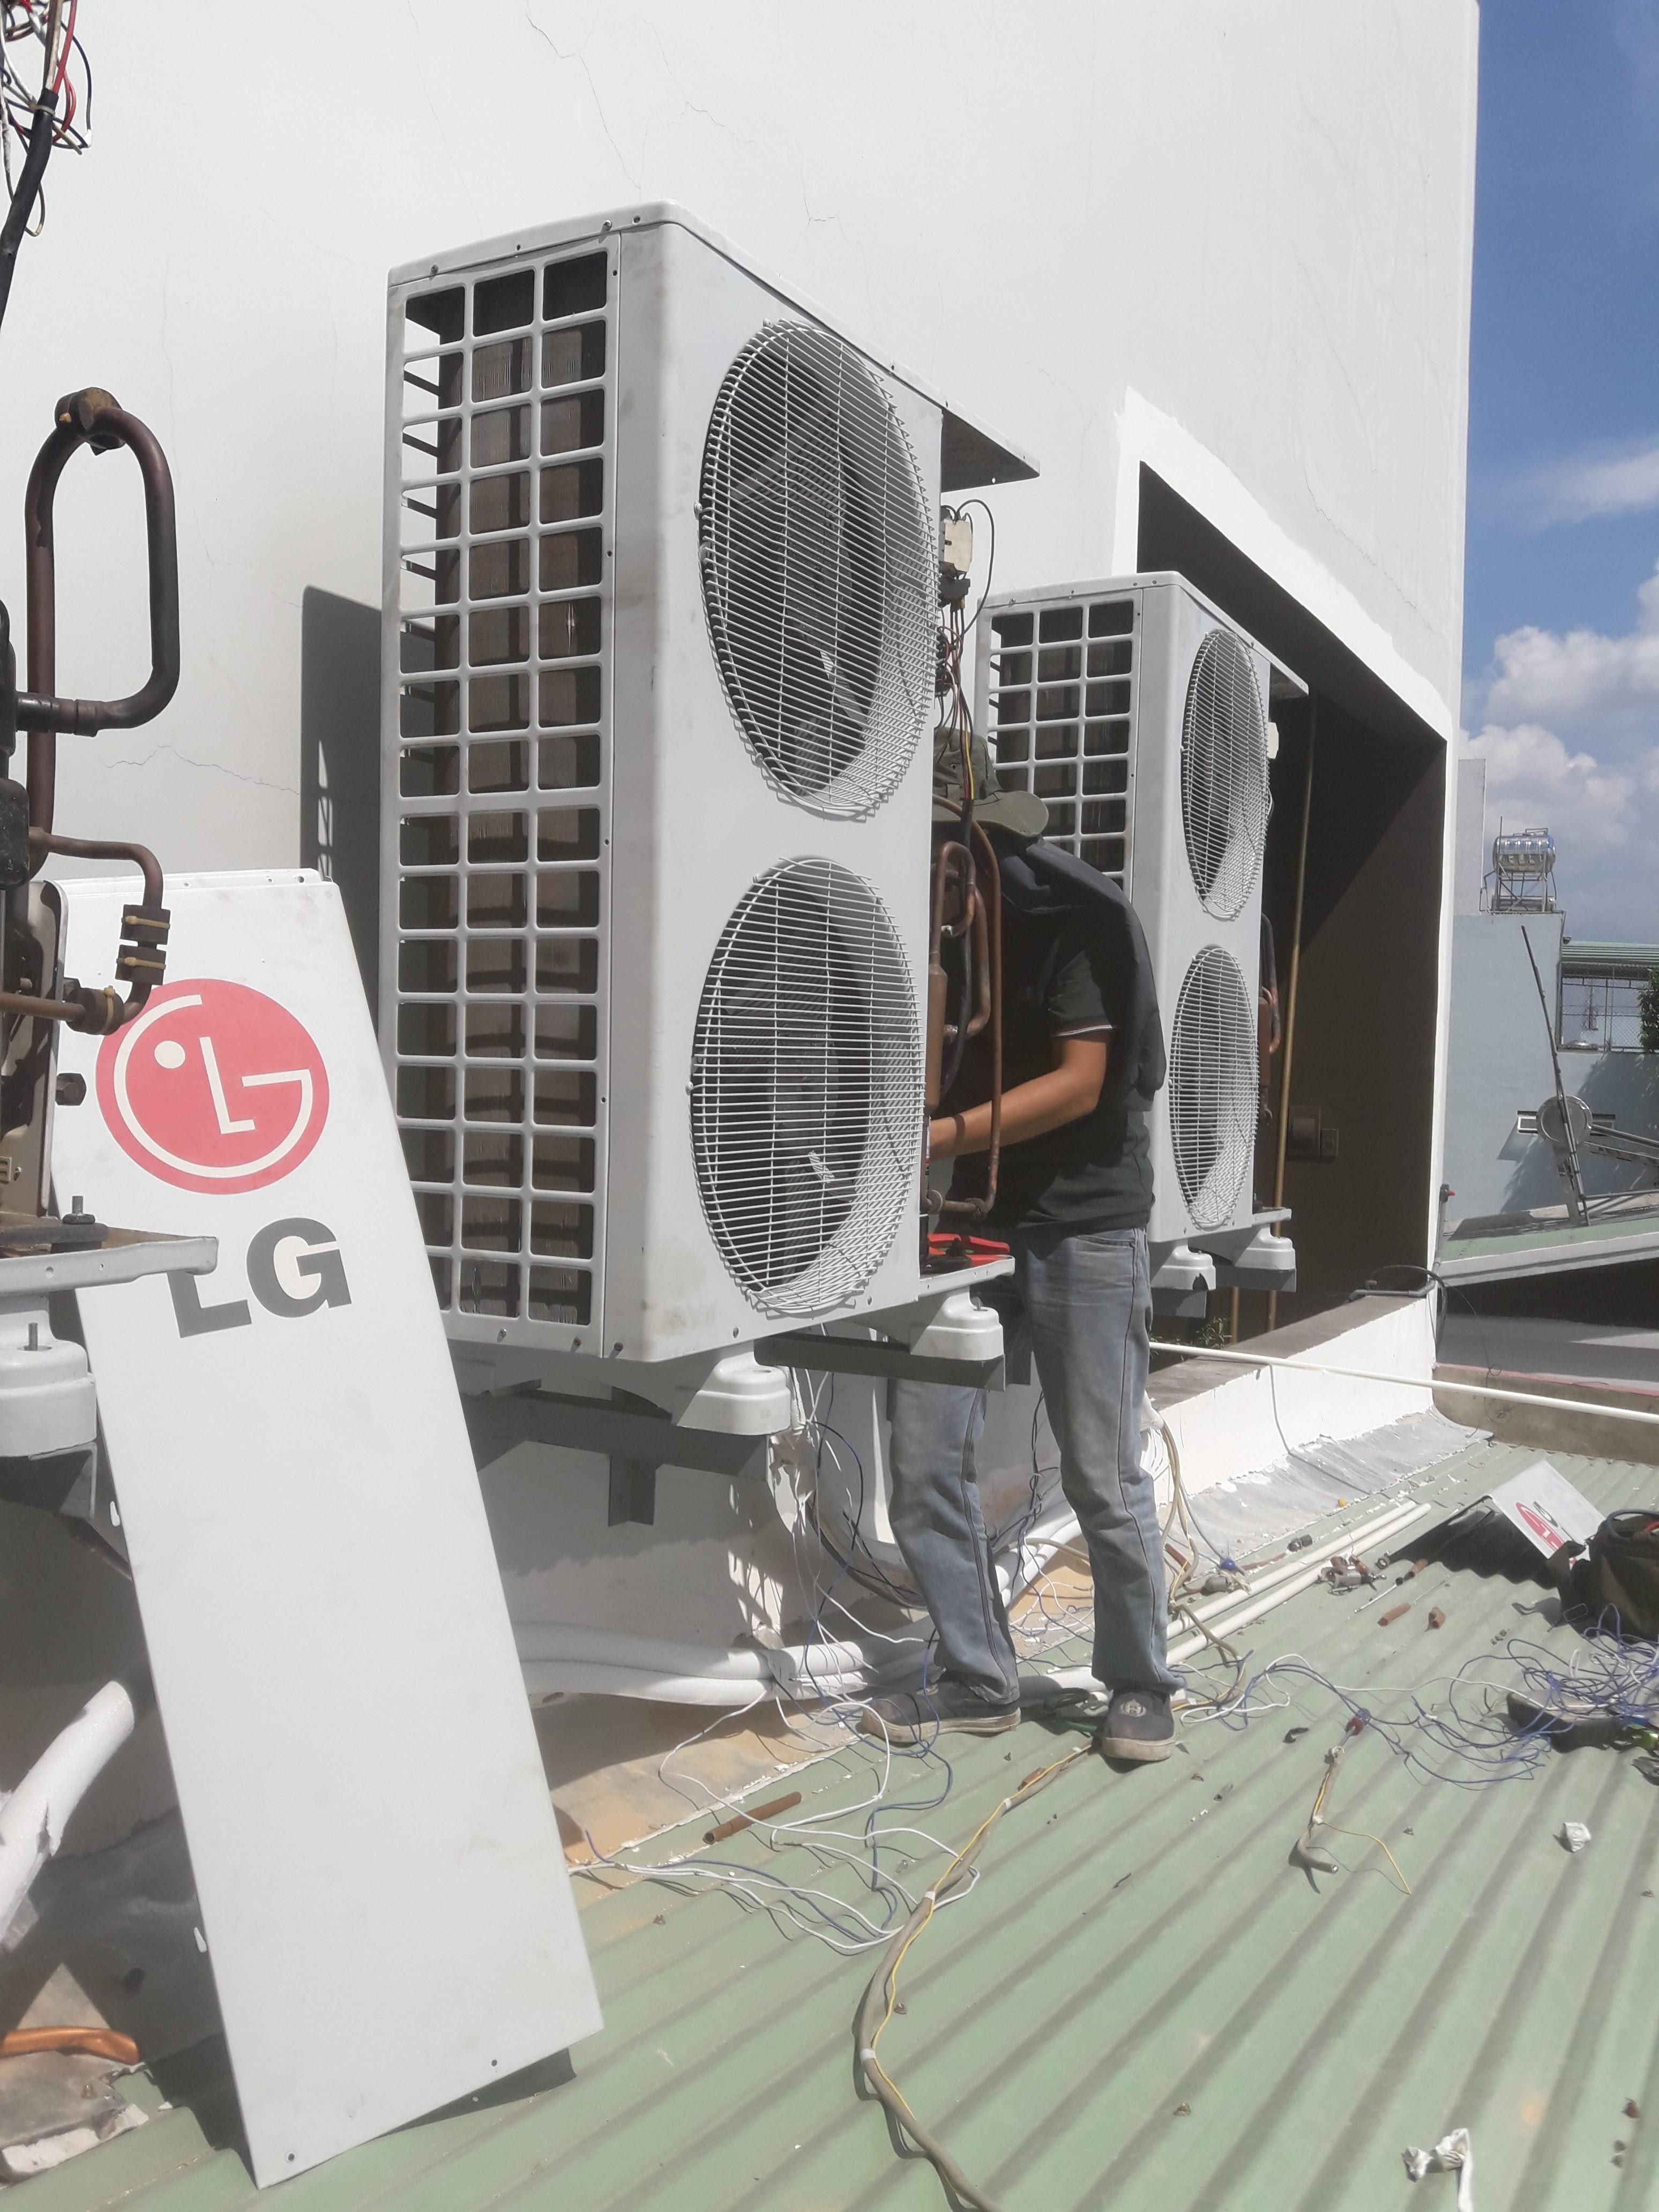 chuyên sửa chữa máy lanh công nghiệp tại các khu công nghiệp lớn ở Bình Dương